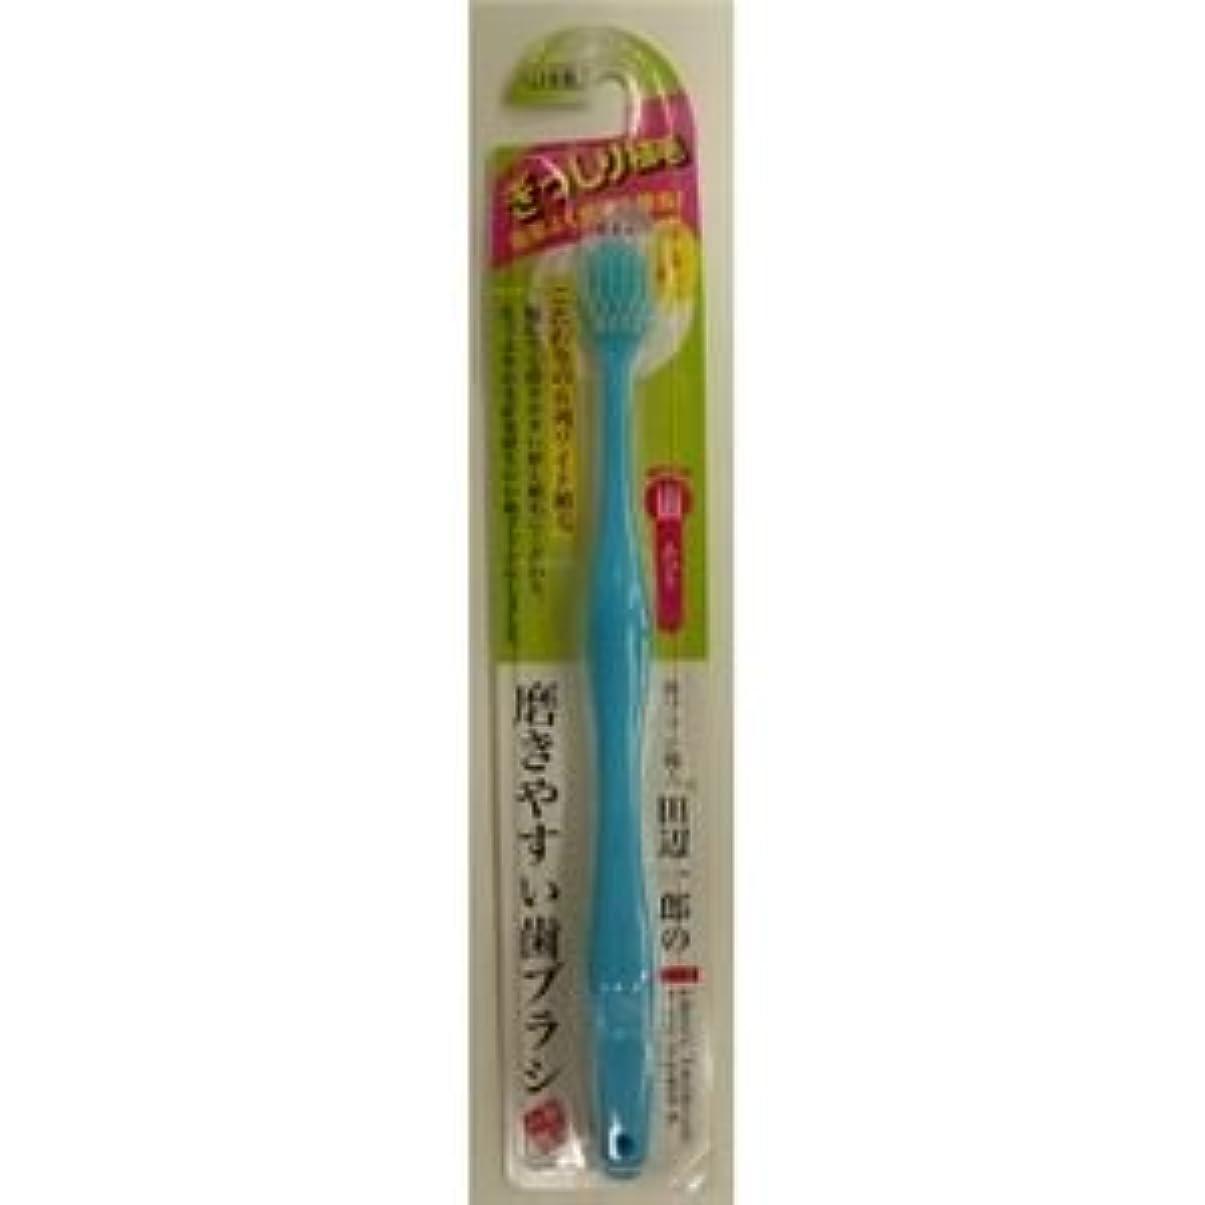 アスリート十分です拡声器(まとめ)ライフレンジ LT-30田辺一郎の磨きやすい歯ブラシ ワイド ふつう 【×12点セット】